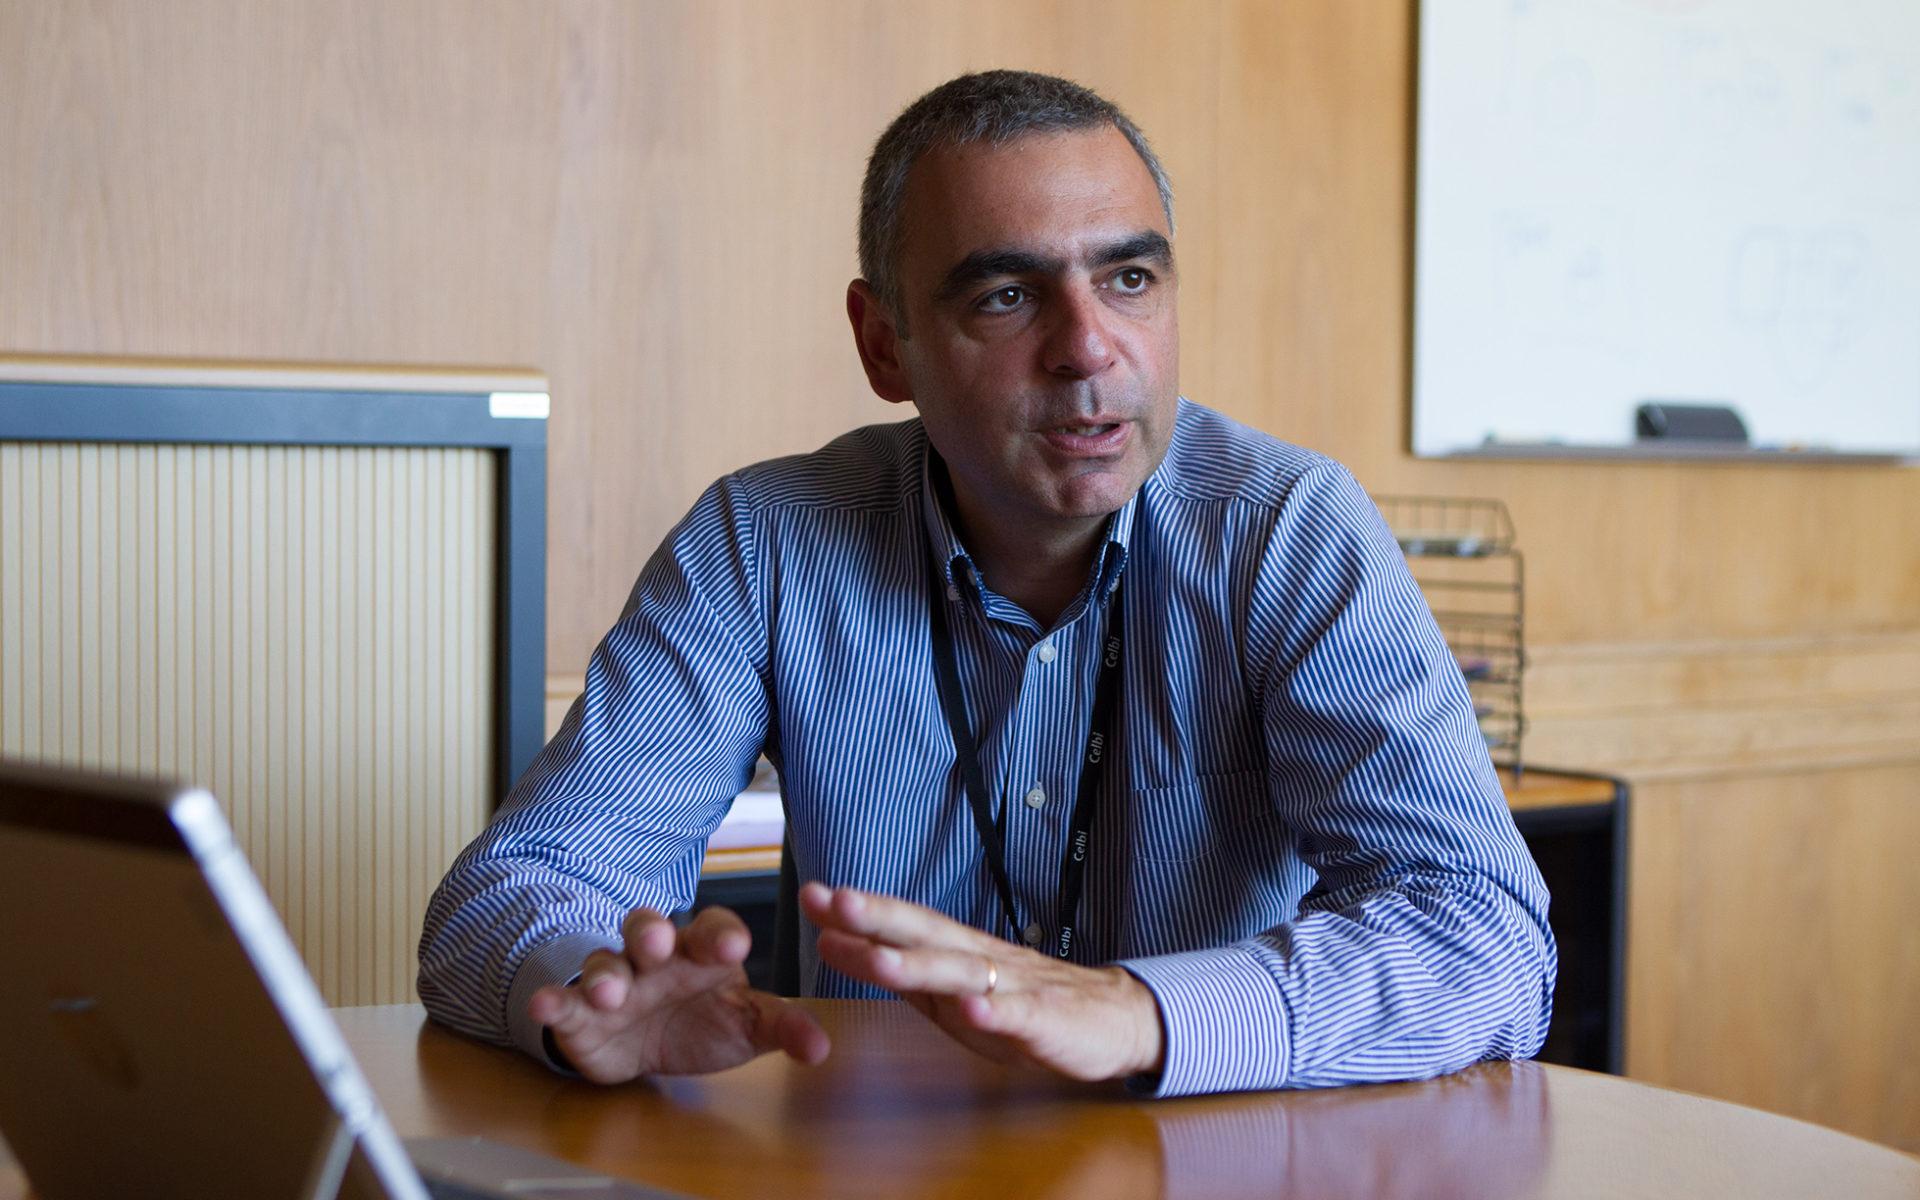 Miguel Coelho, director de Tecnologias de Informação da Altri